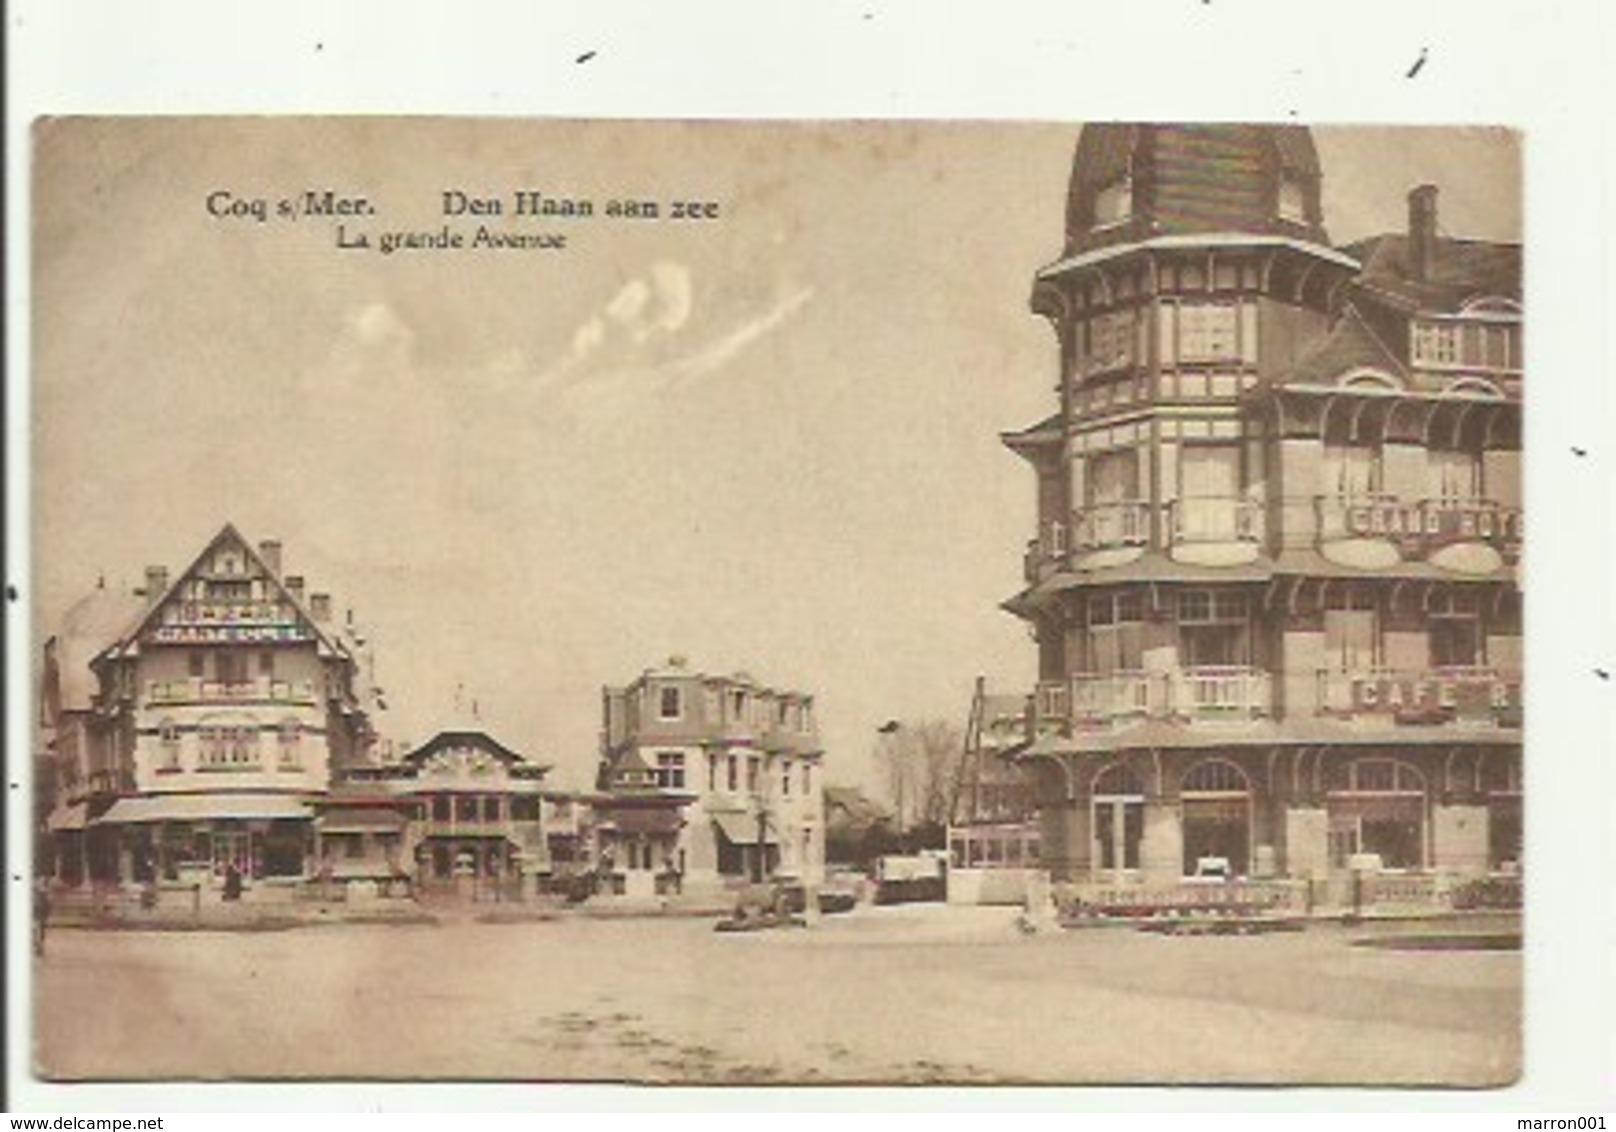 Den Haan Aan Zee - La Grande Avenue , Verzonden - De Haan